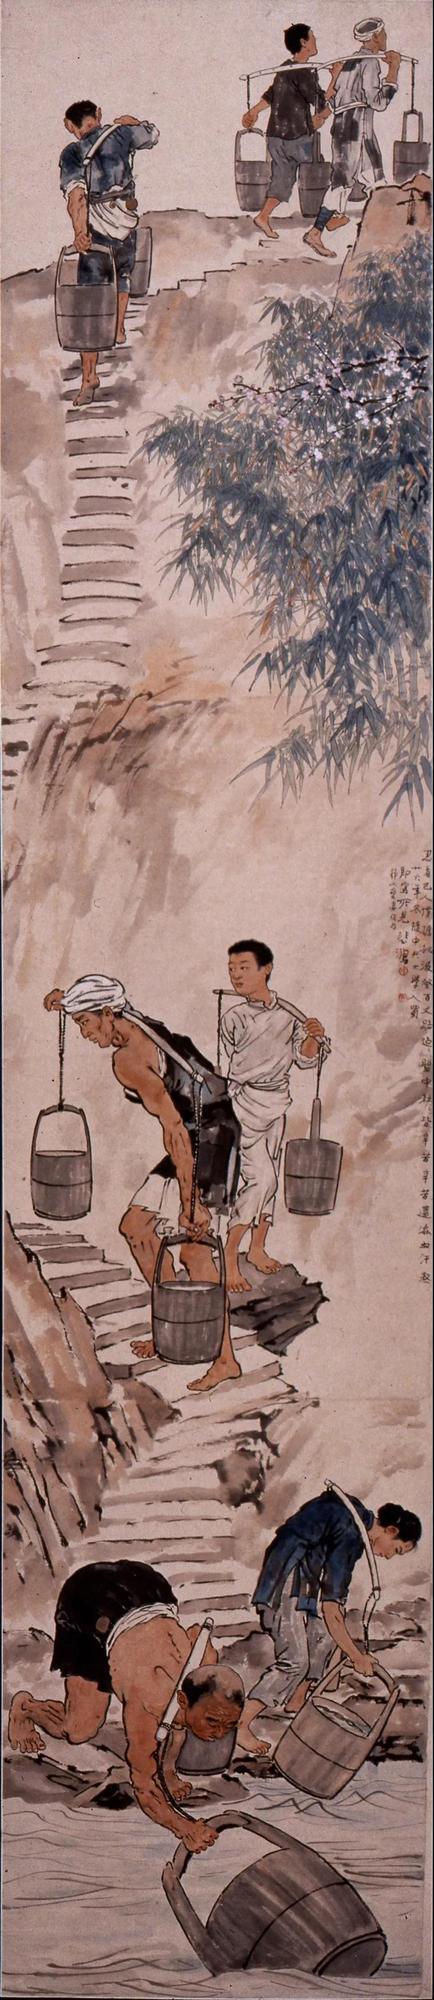 中国美术馆新年展启幕 徐悲鸿大展难得一见